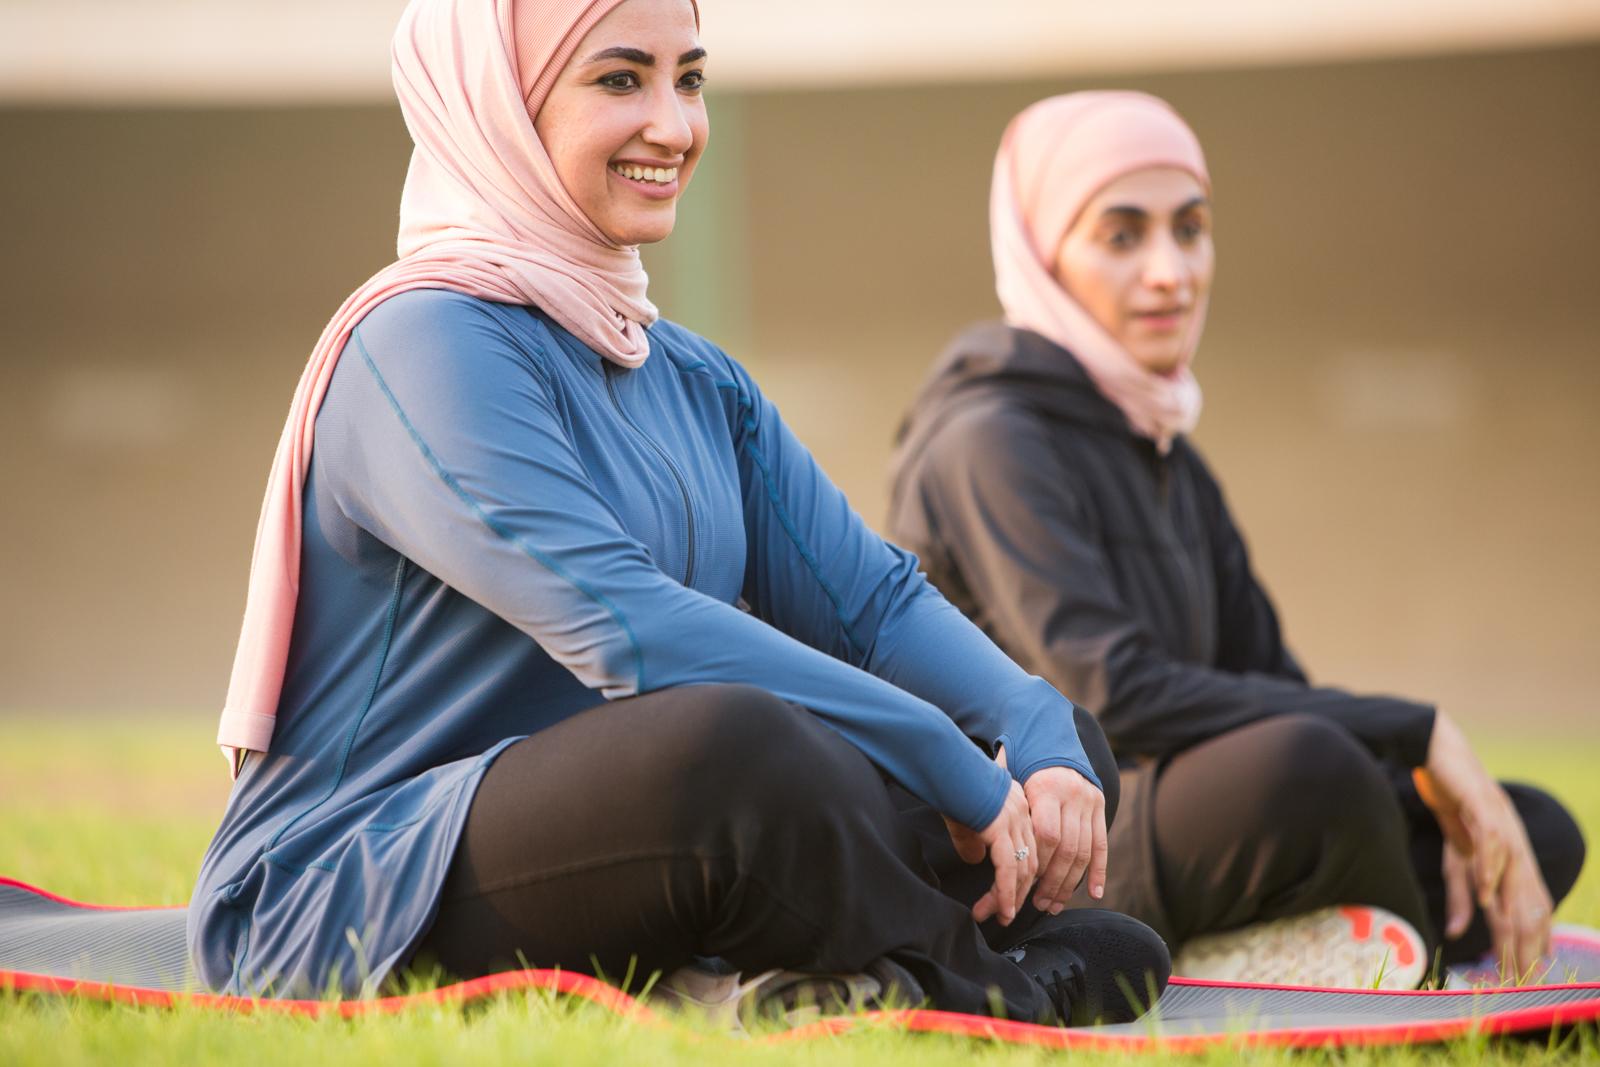 در این دوران خاص خانم ها حتما ورزش کنند